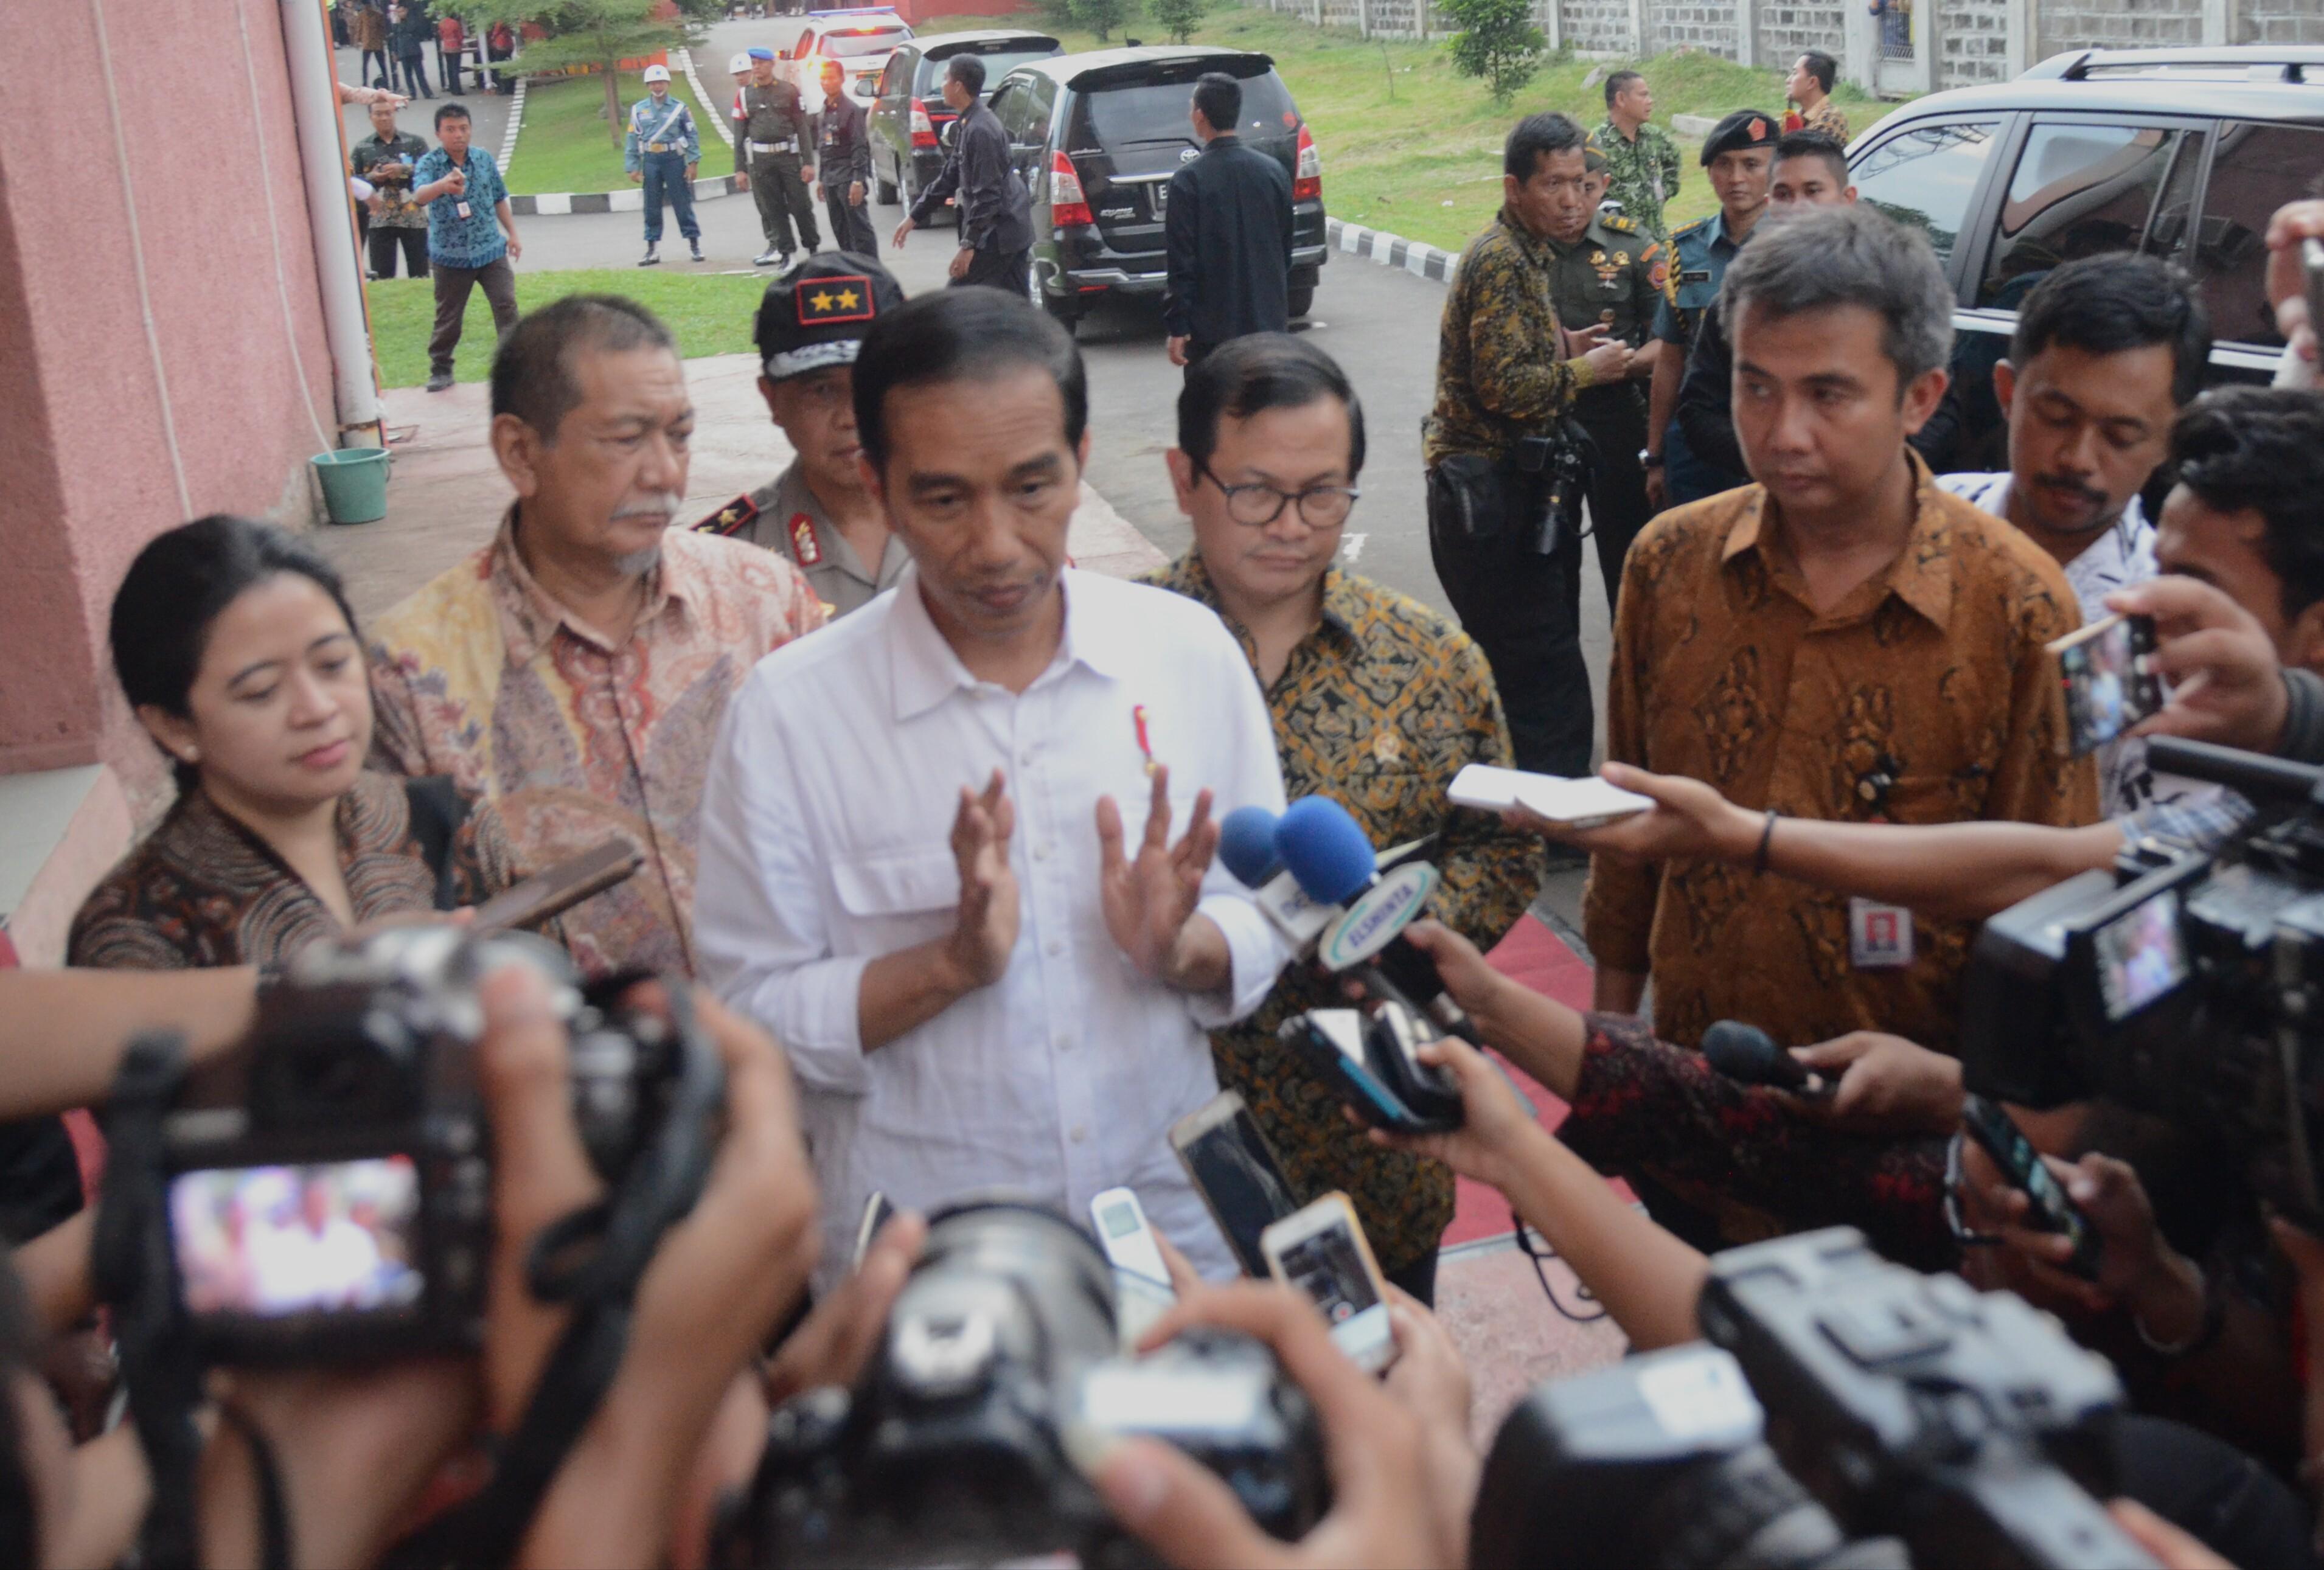 Presiden Jokowi saat menjawab pertanyaan wartawan di Cirebon, Jawa Barat, Kamis (13/4). (Foto: Humas/Rahmat)